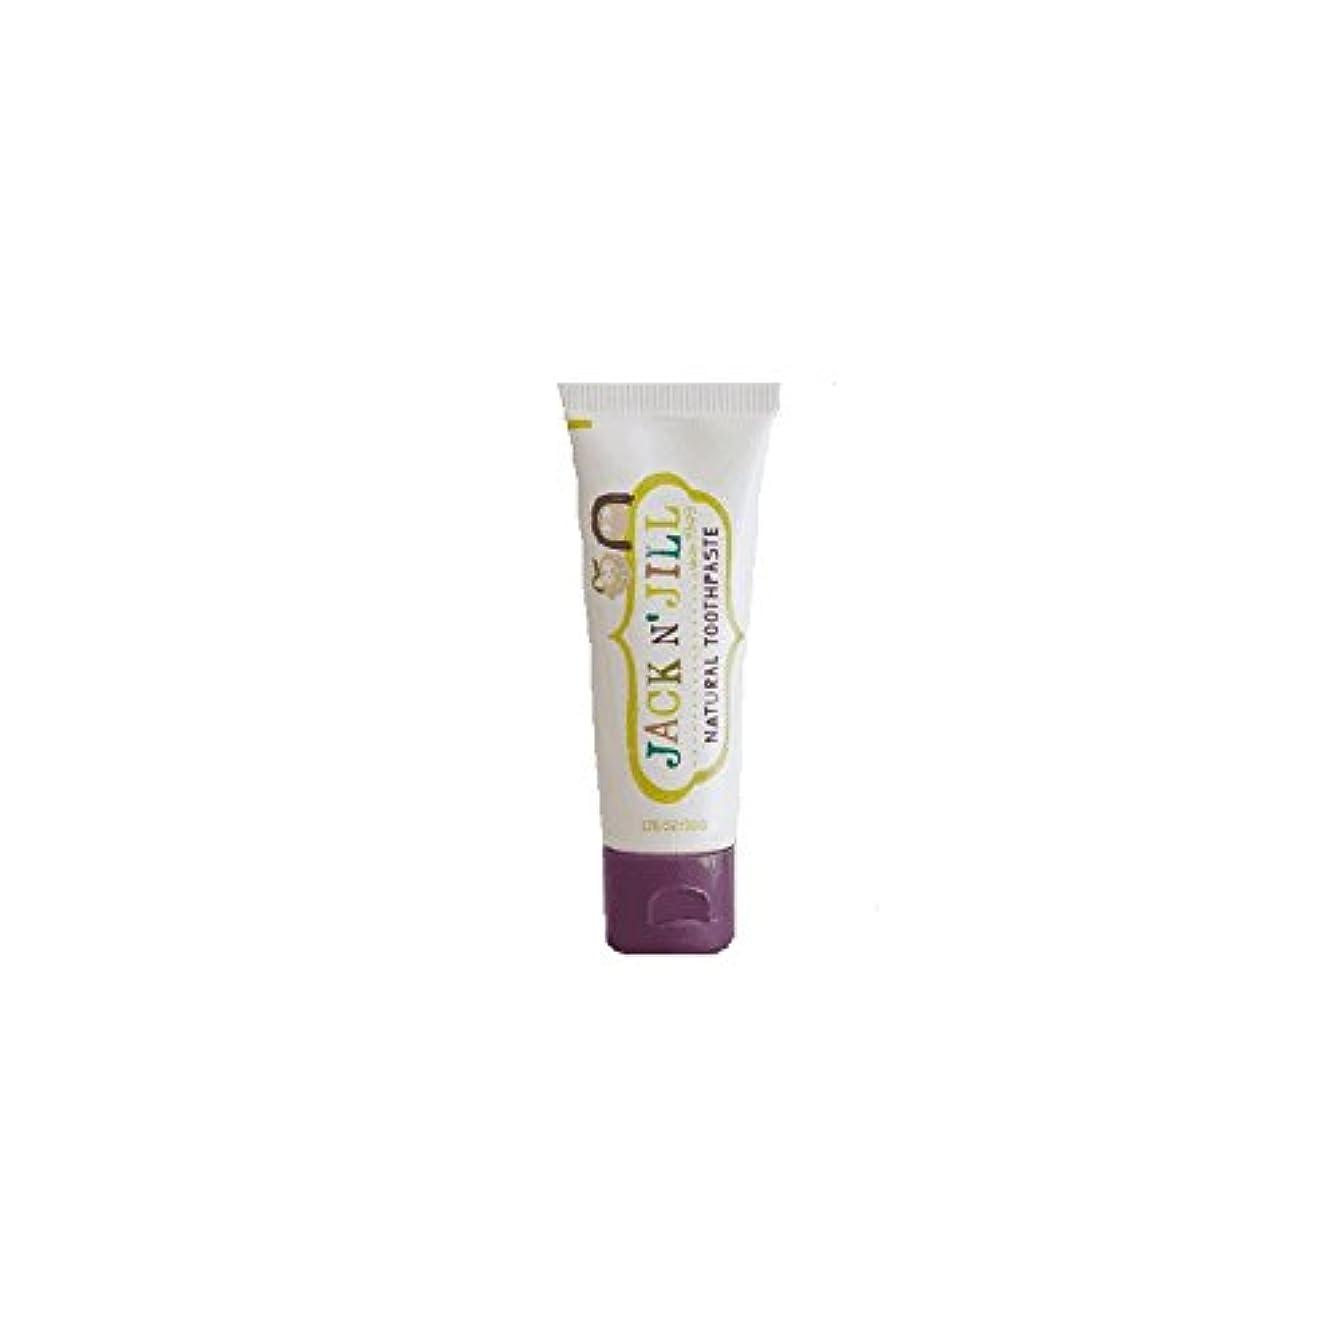 小石出席アレルギーJack N' Jill Natural Toothpaste Organic Blackcurrant 50g (Pack of 2) - ジャックN 'はジルの天然歯磨き粉有機ブラックカラント50グラム (x2) [並行輸入品]